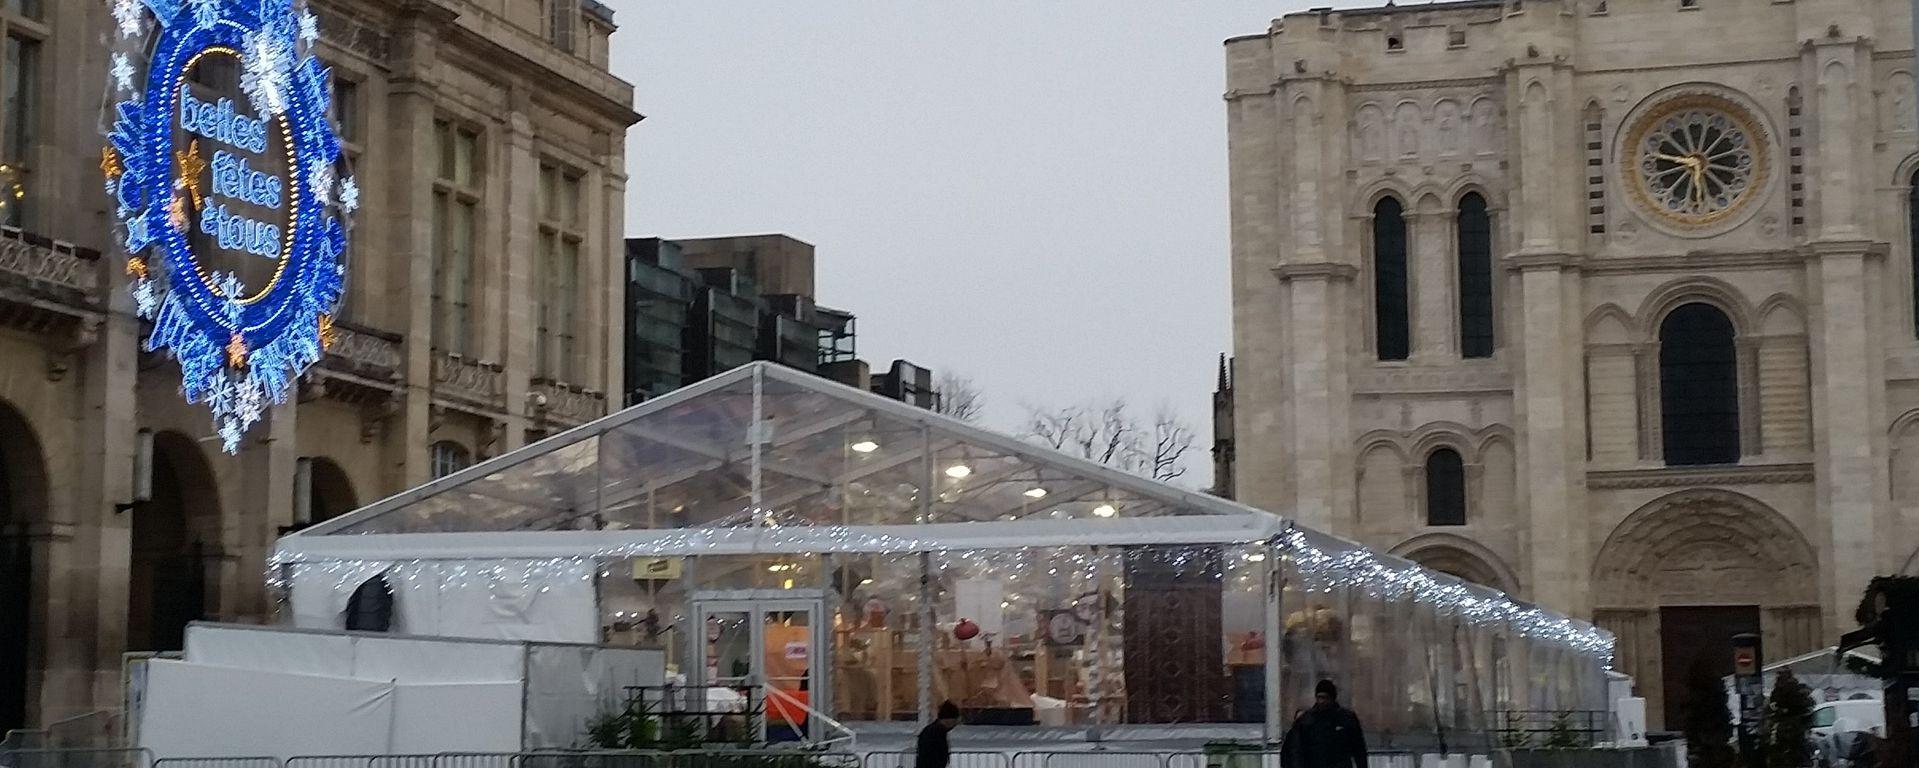 La Foire des Savoir-faire solidaires - marché de Noël - Saint-Denis - 93